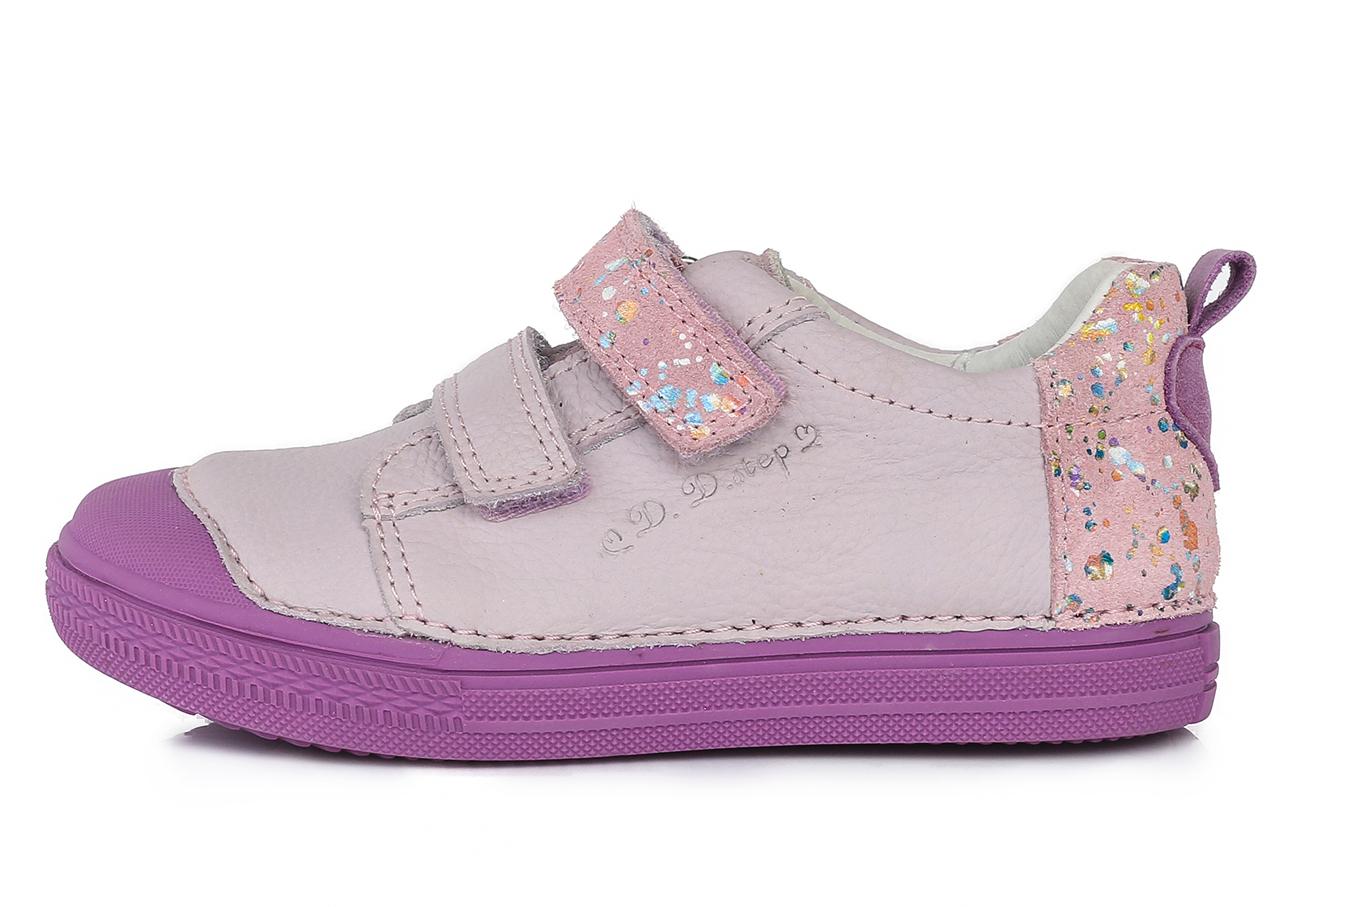 ed13a1134f ddstep gyerekcipő 049-902D PöttömShop cipőbolt